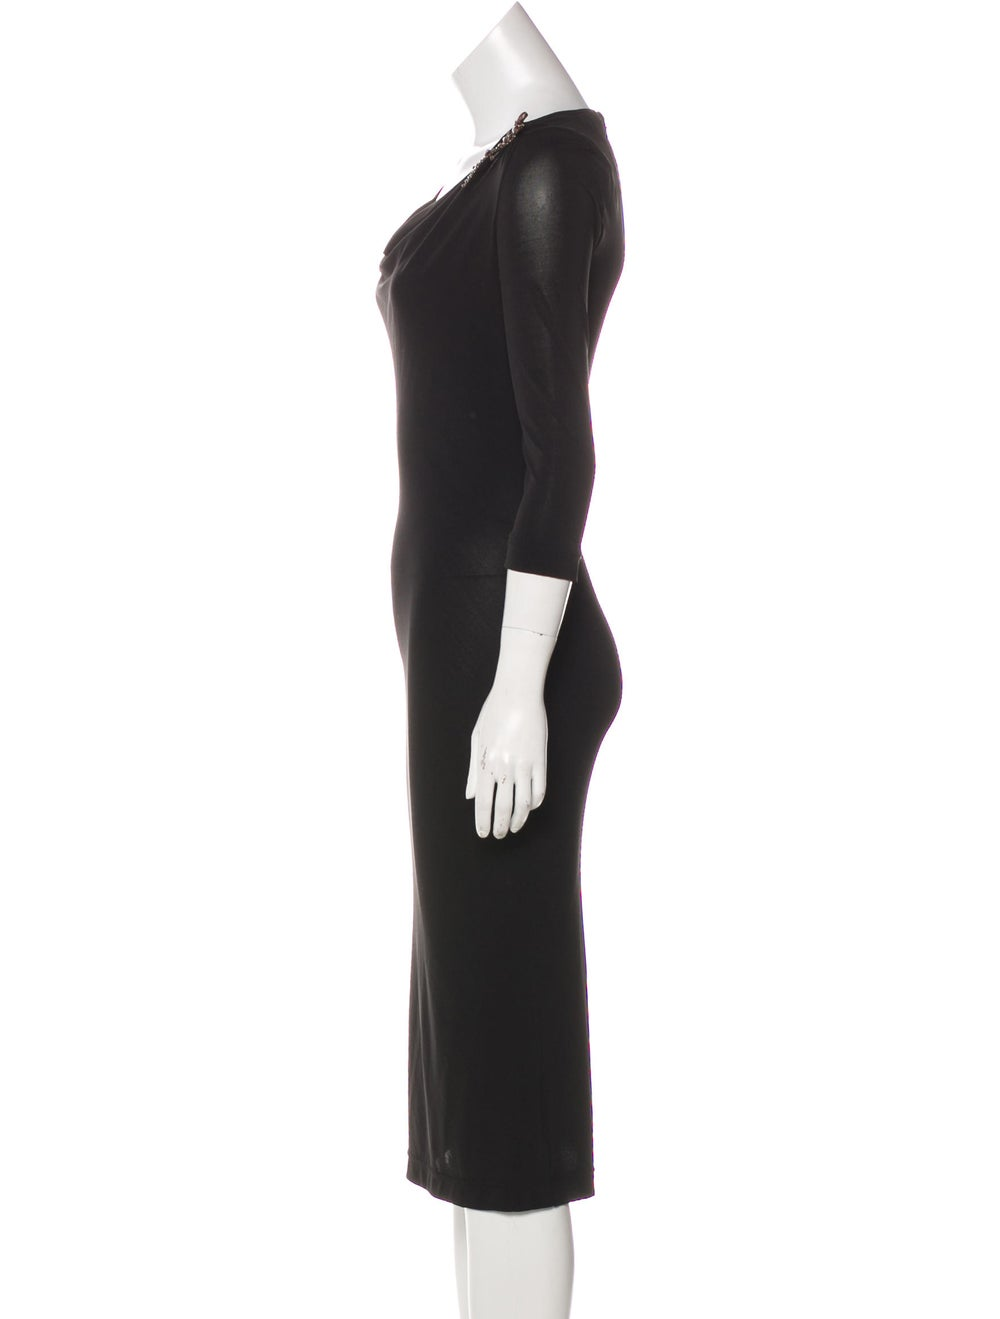 Dolce & Gabbana Embellished Knit Dress Black - image 2